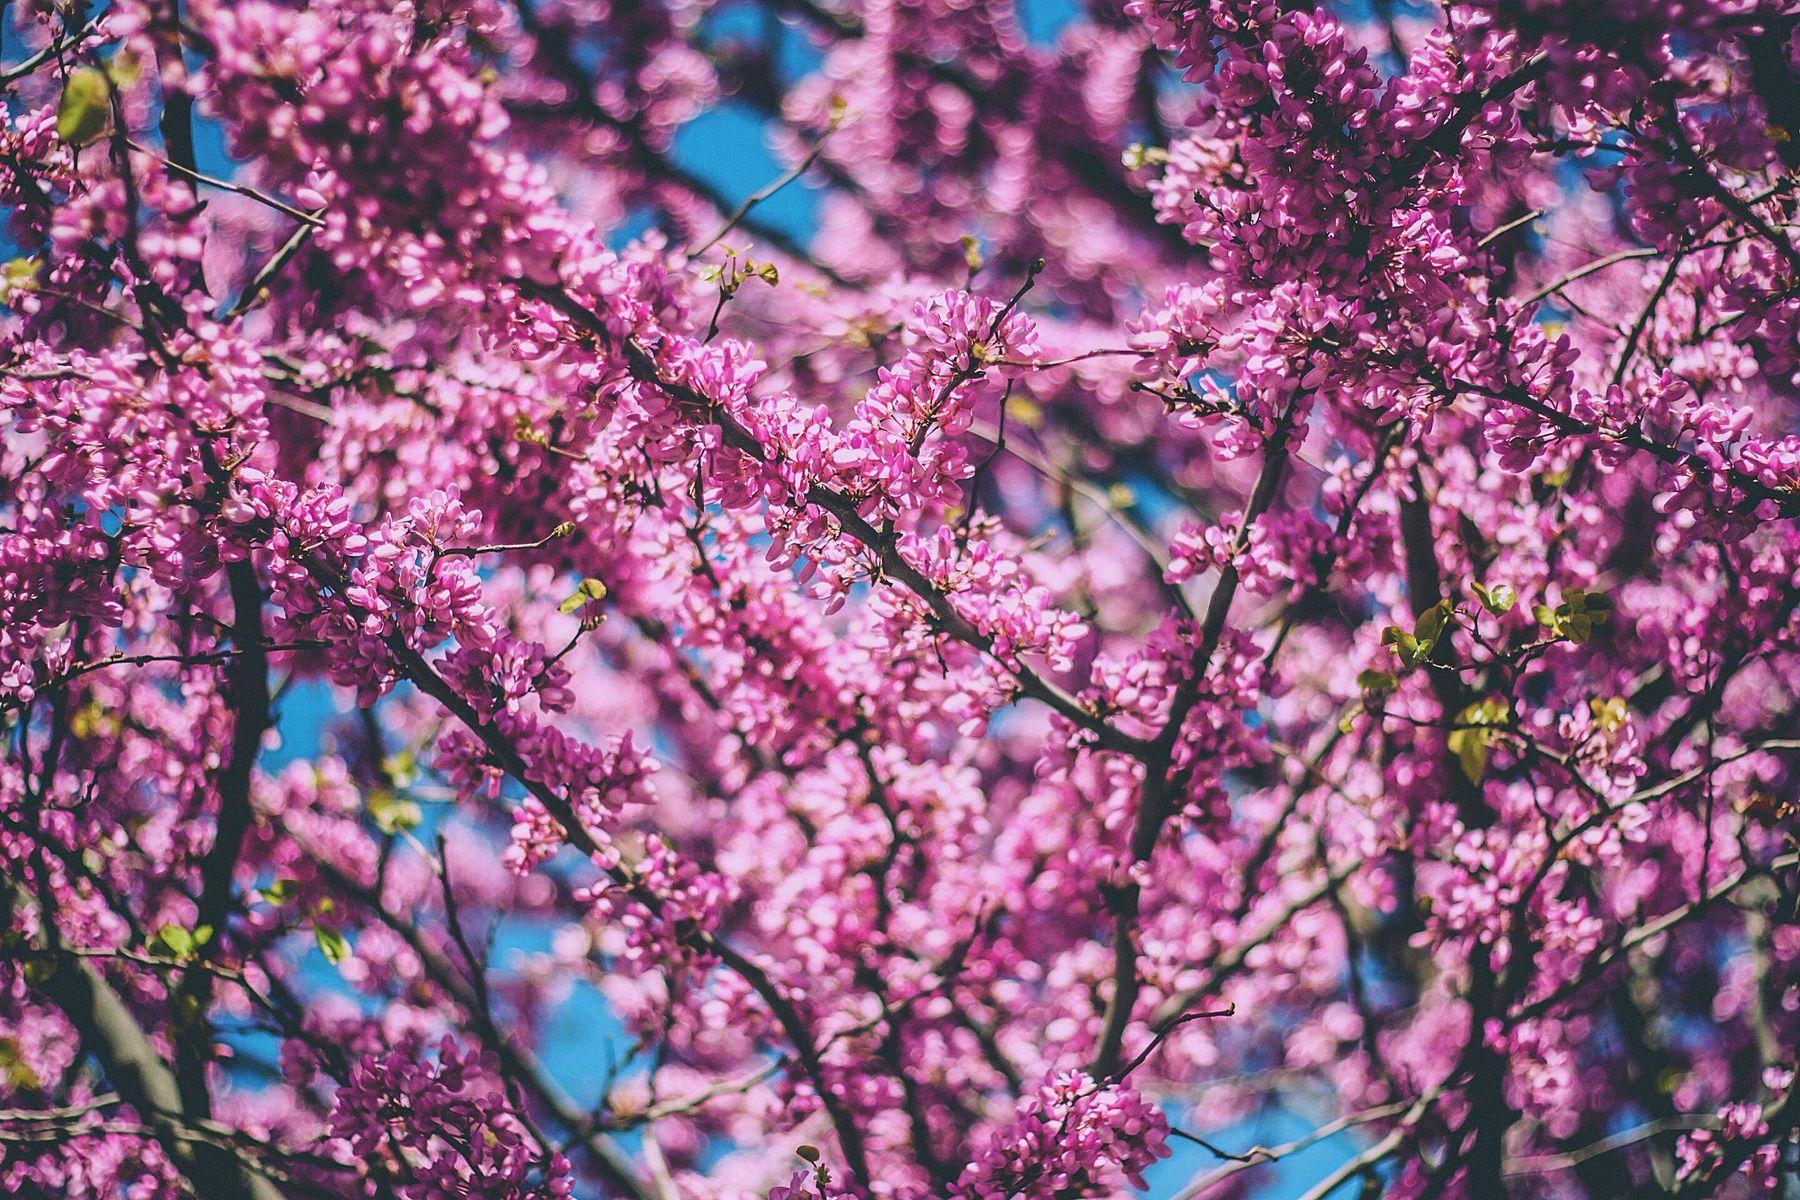 trang trí tết bằng hoa anh đào